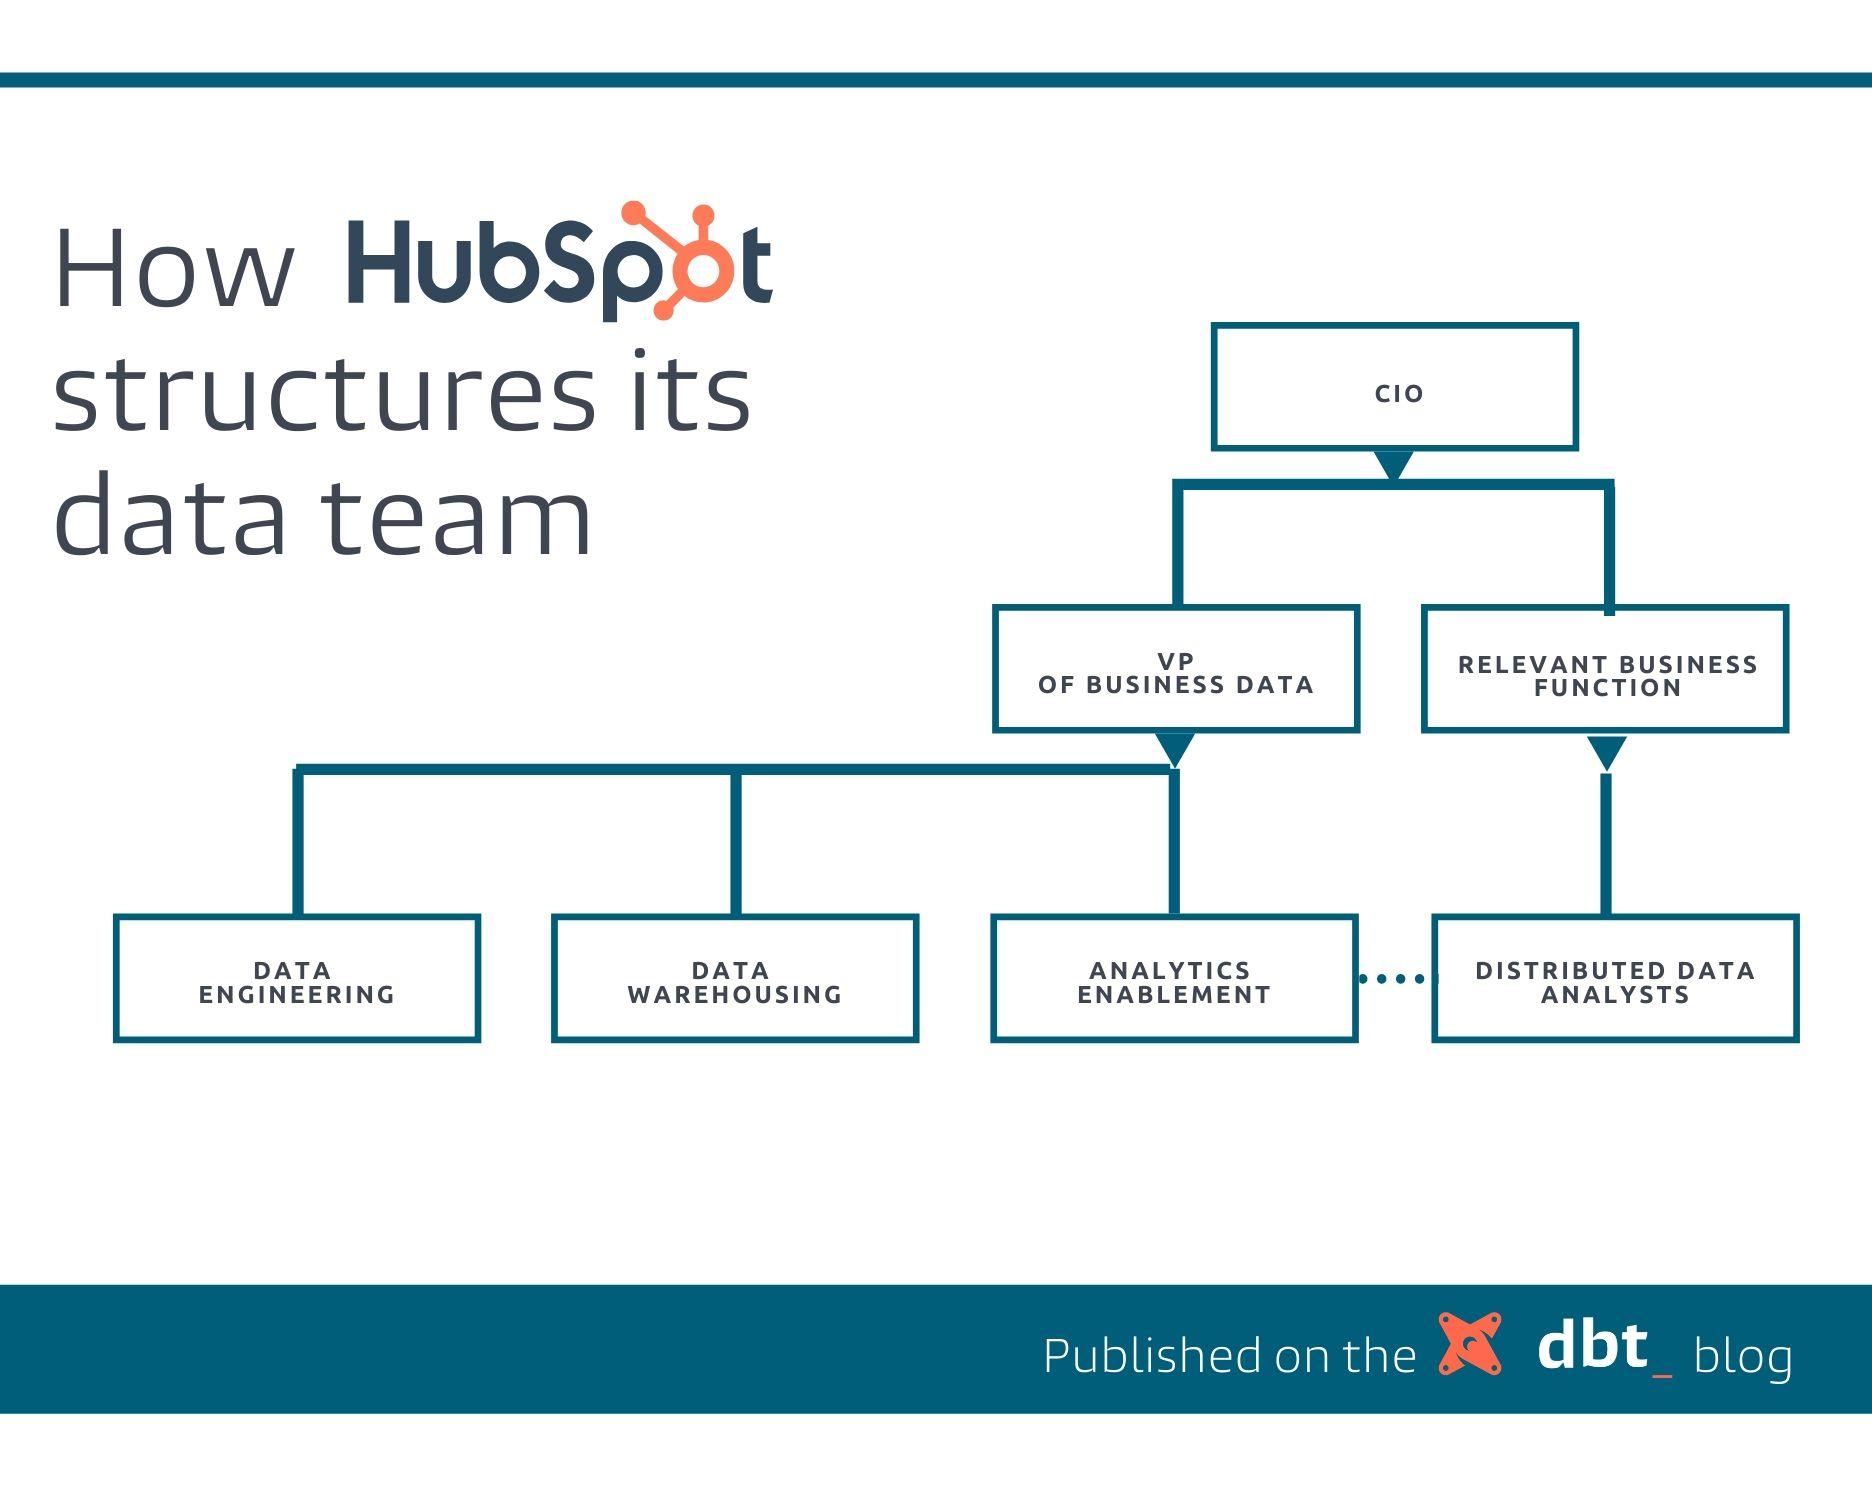 HubSpot's data team org structure